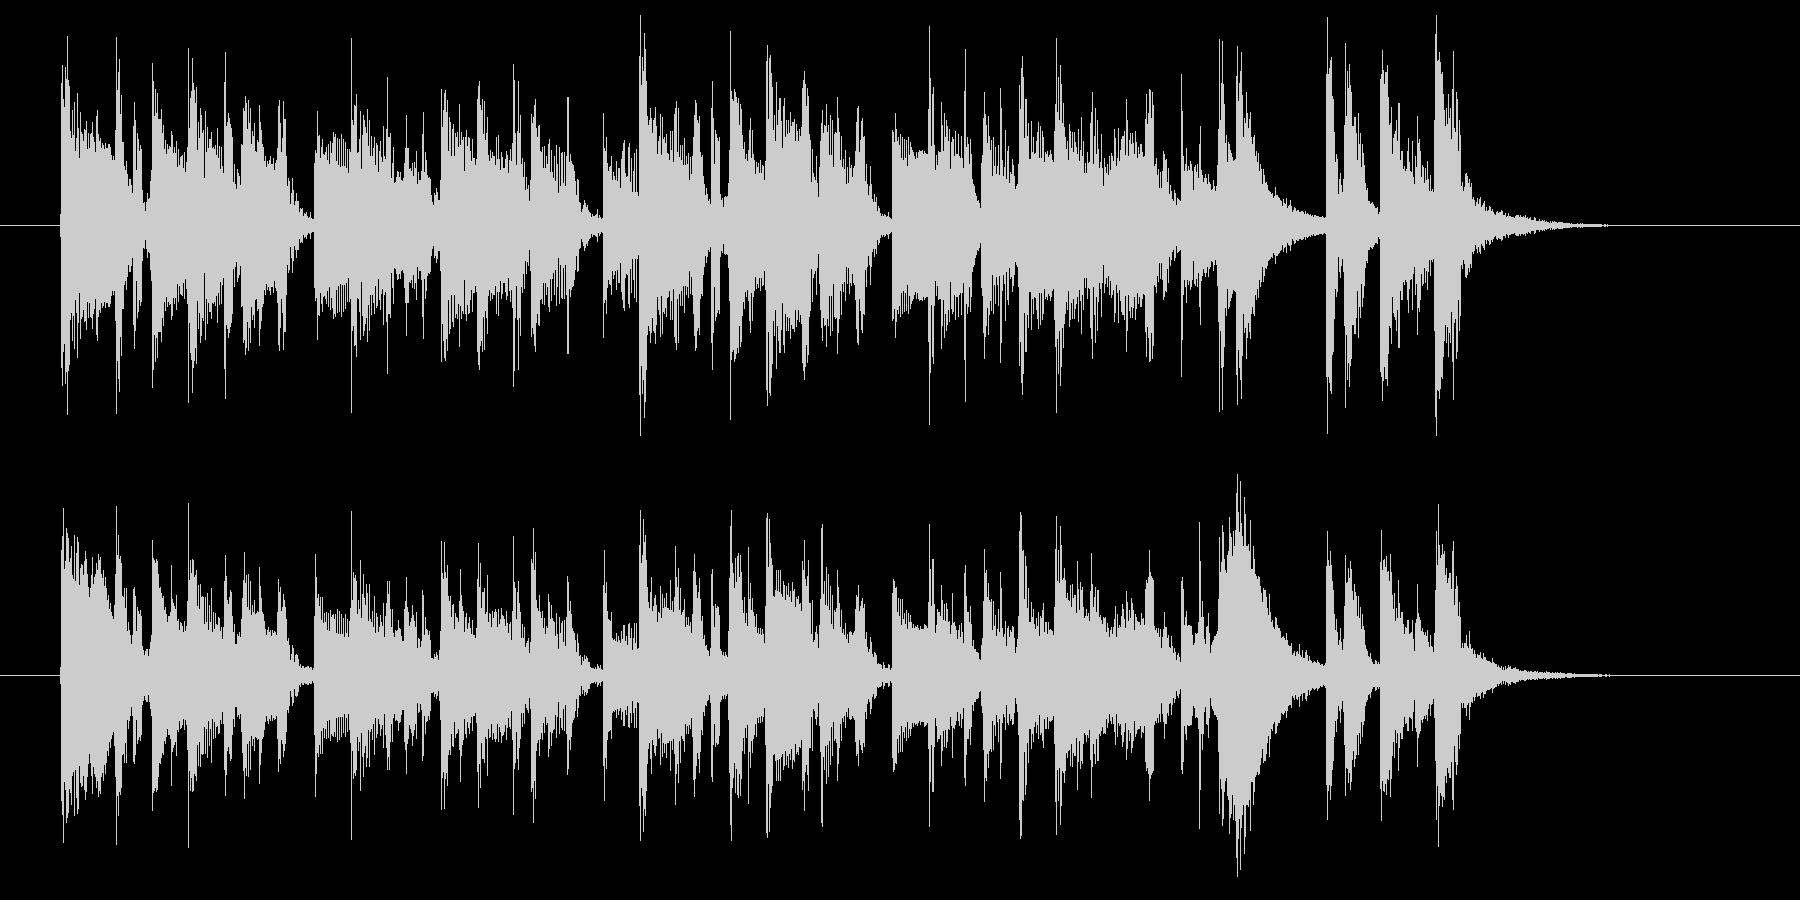 アップテンポなポップスバンドのジングル曲の未再生の波形